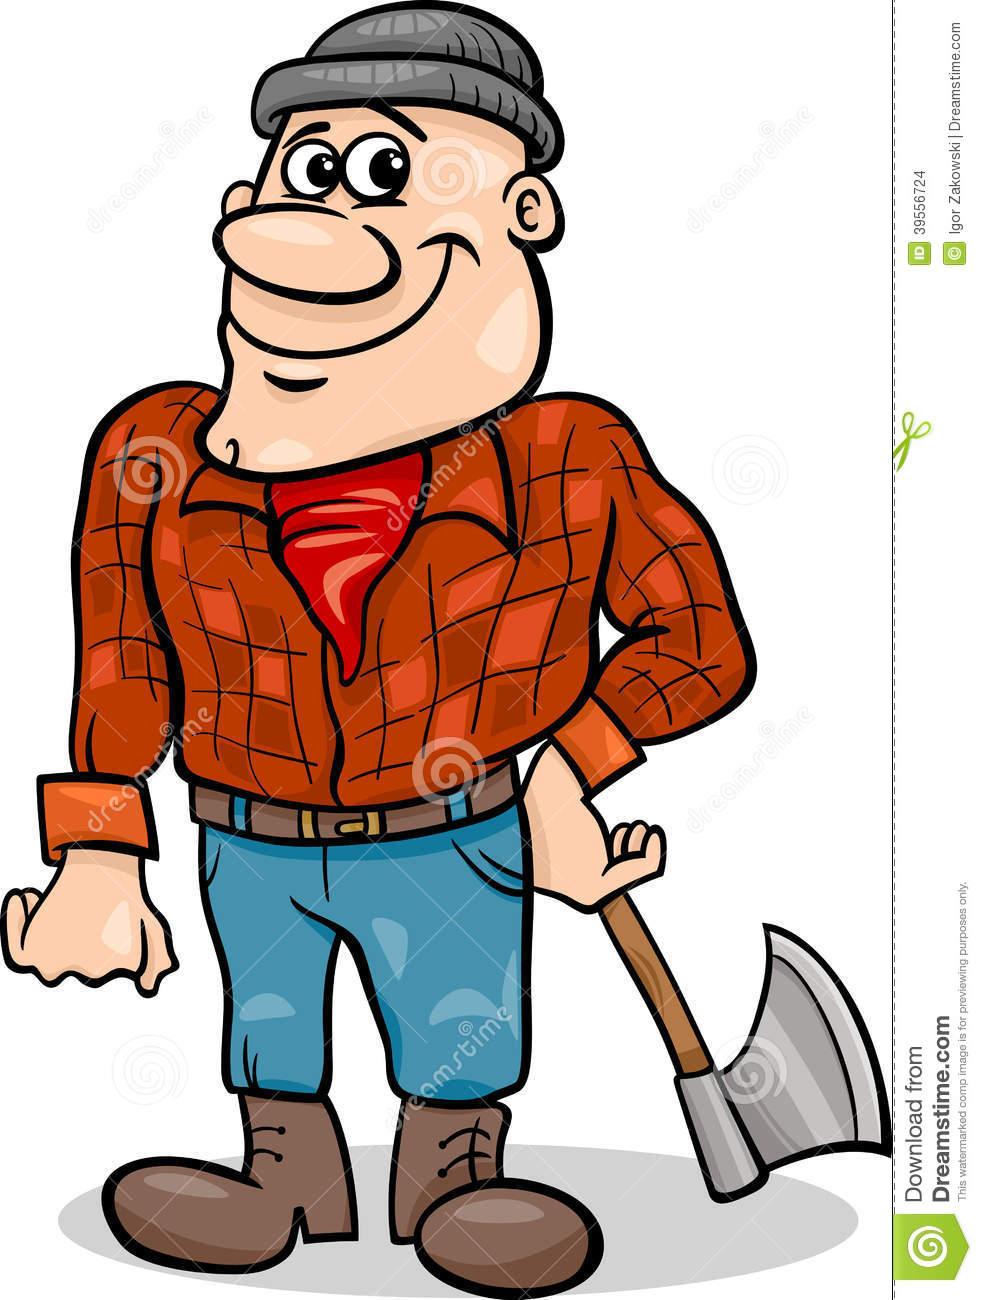 Lumberjack Cartoon Clipart.